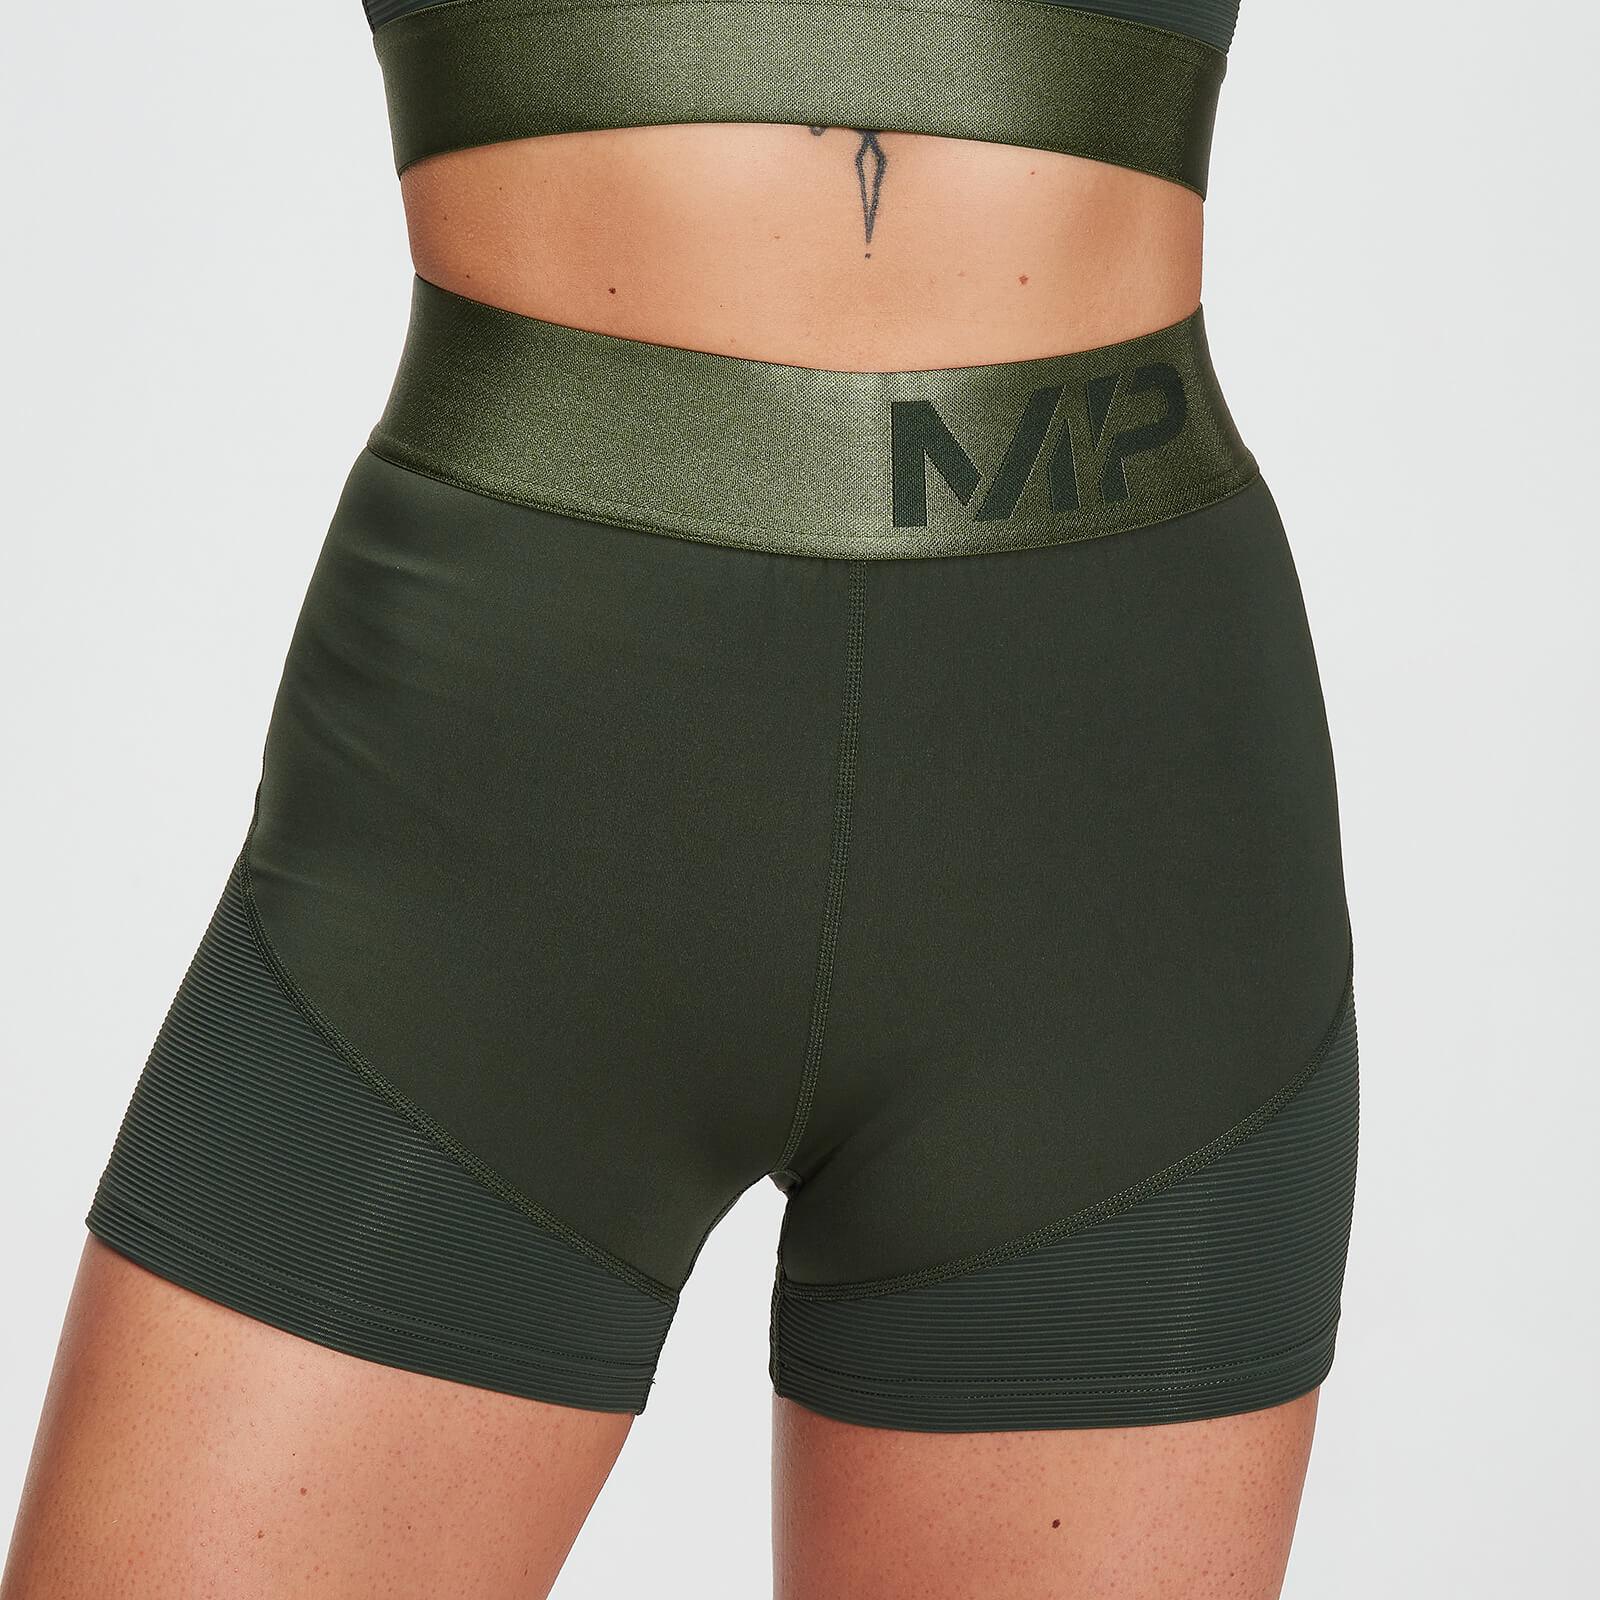 Купить Женские шорты MP Adapt Textured - XXS, Myprotein International